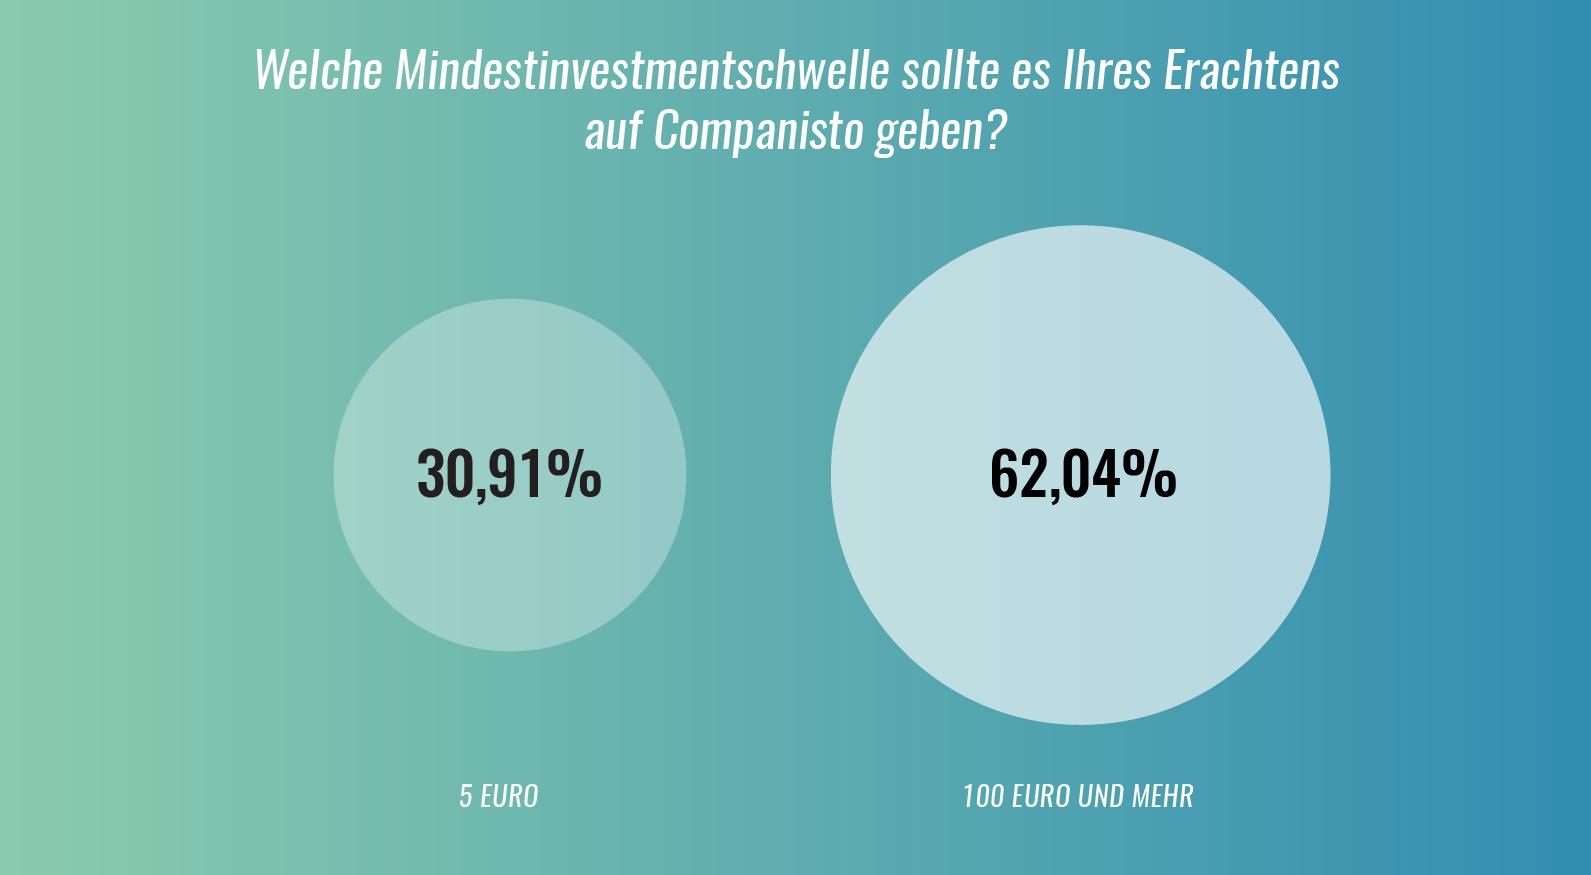 Mindestinvestmentschwelle bei Companisto